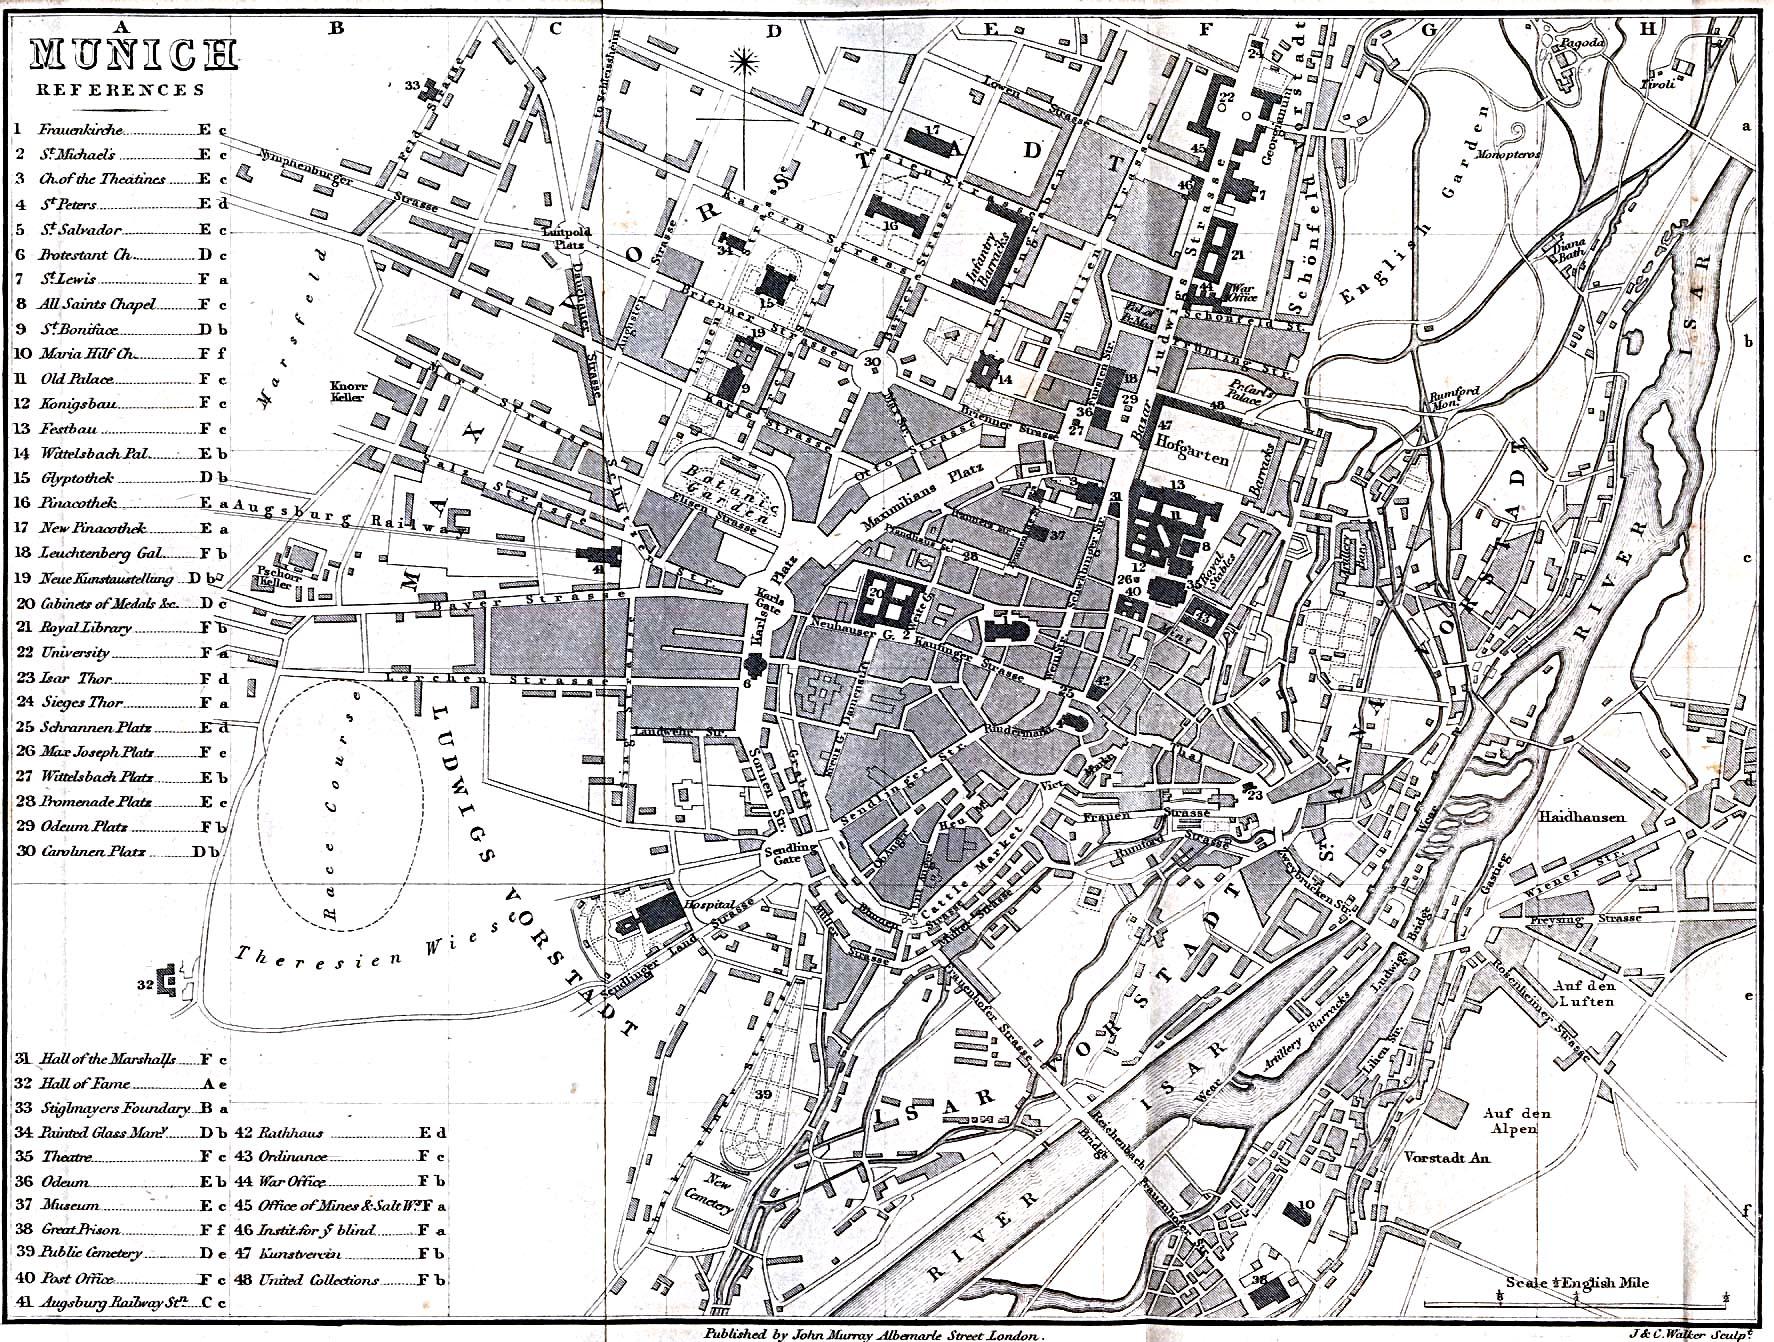 Stadtplan Münchens, 1858